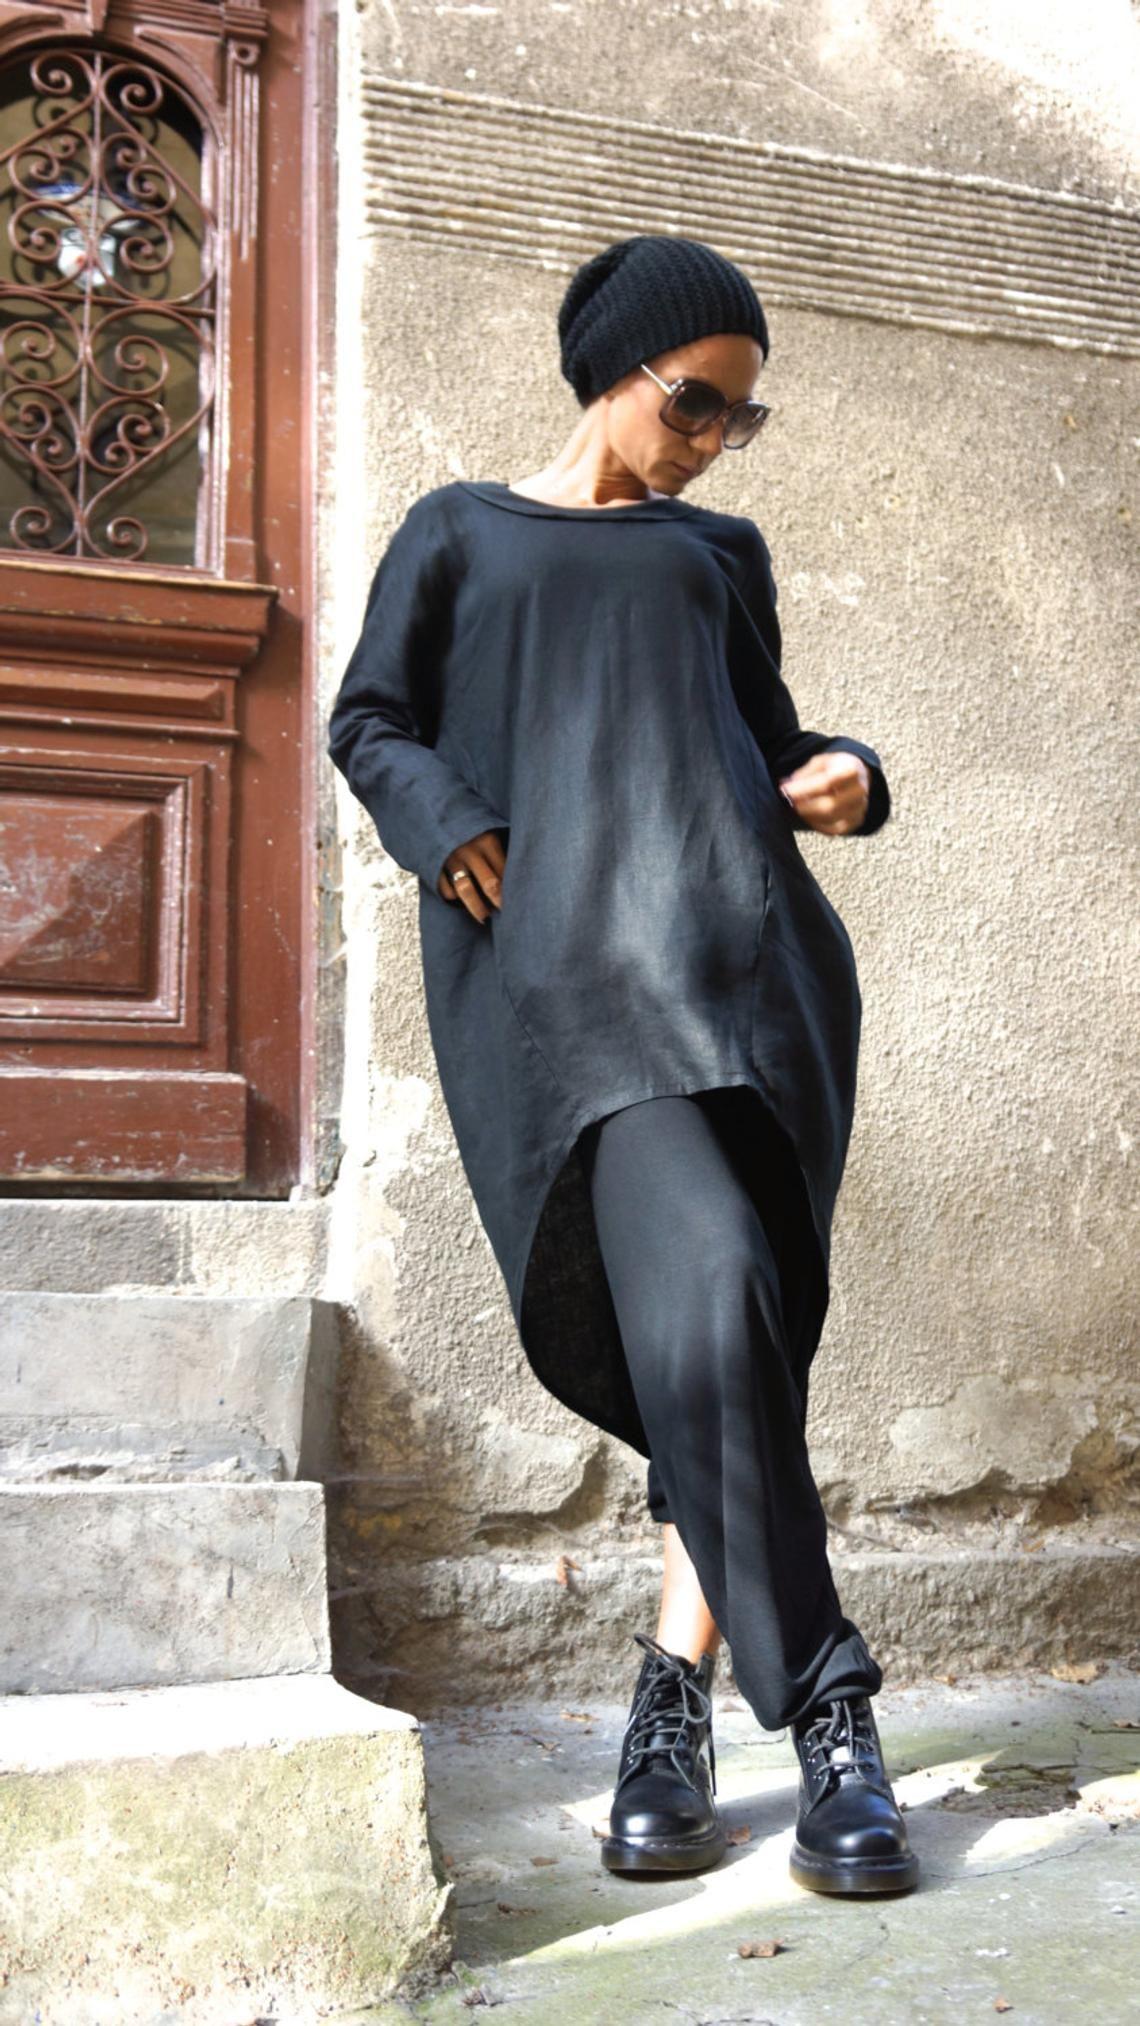 NEUE Kollektion schwarz Leinen Longshirt / Extravagant Shirt / asymmetrische Shirt mit seitlichen Taschen / Oversize Top von Aakasha A11159